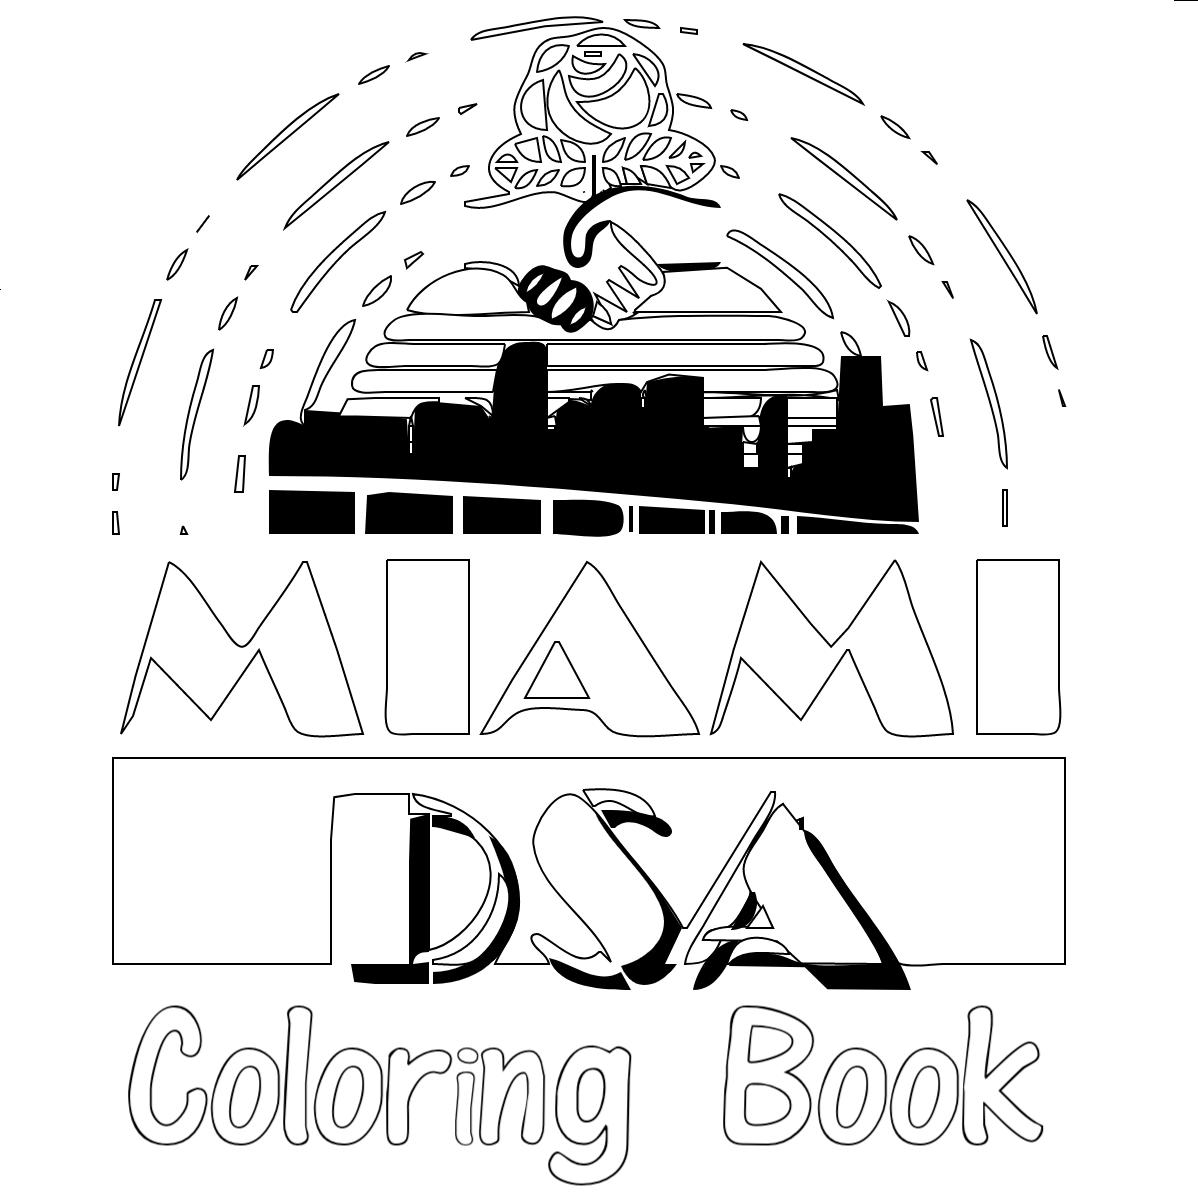 Coloring Book/Libro Para Colorear